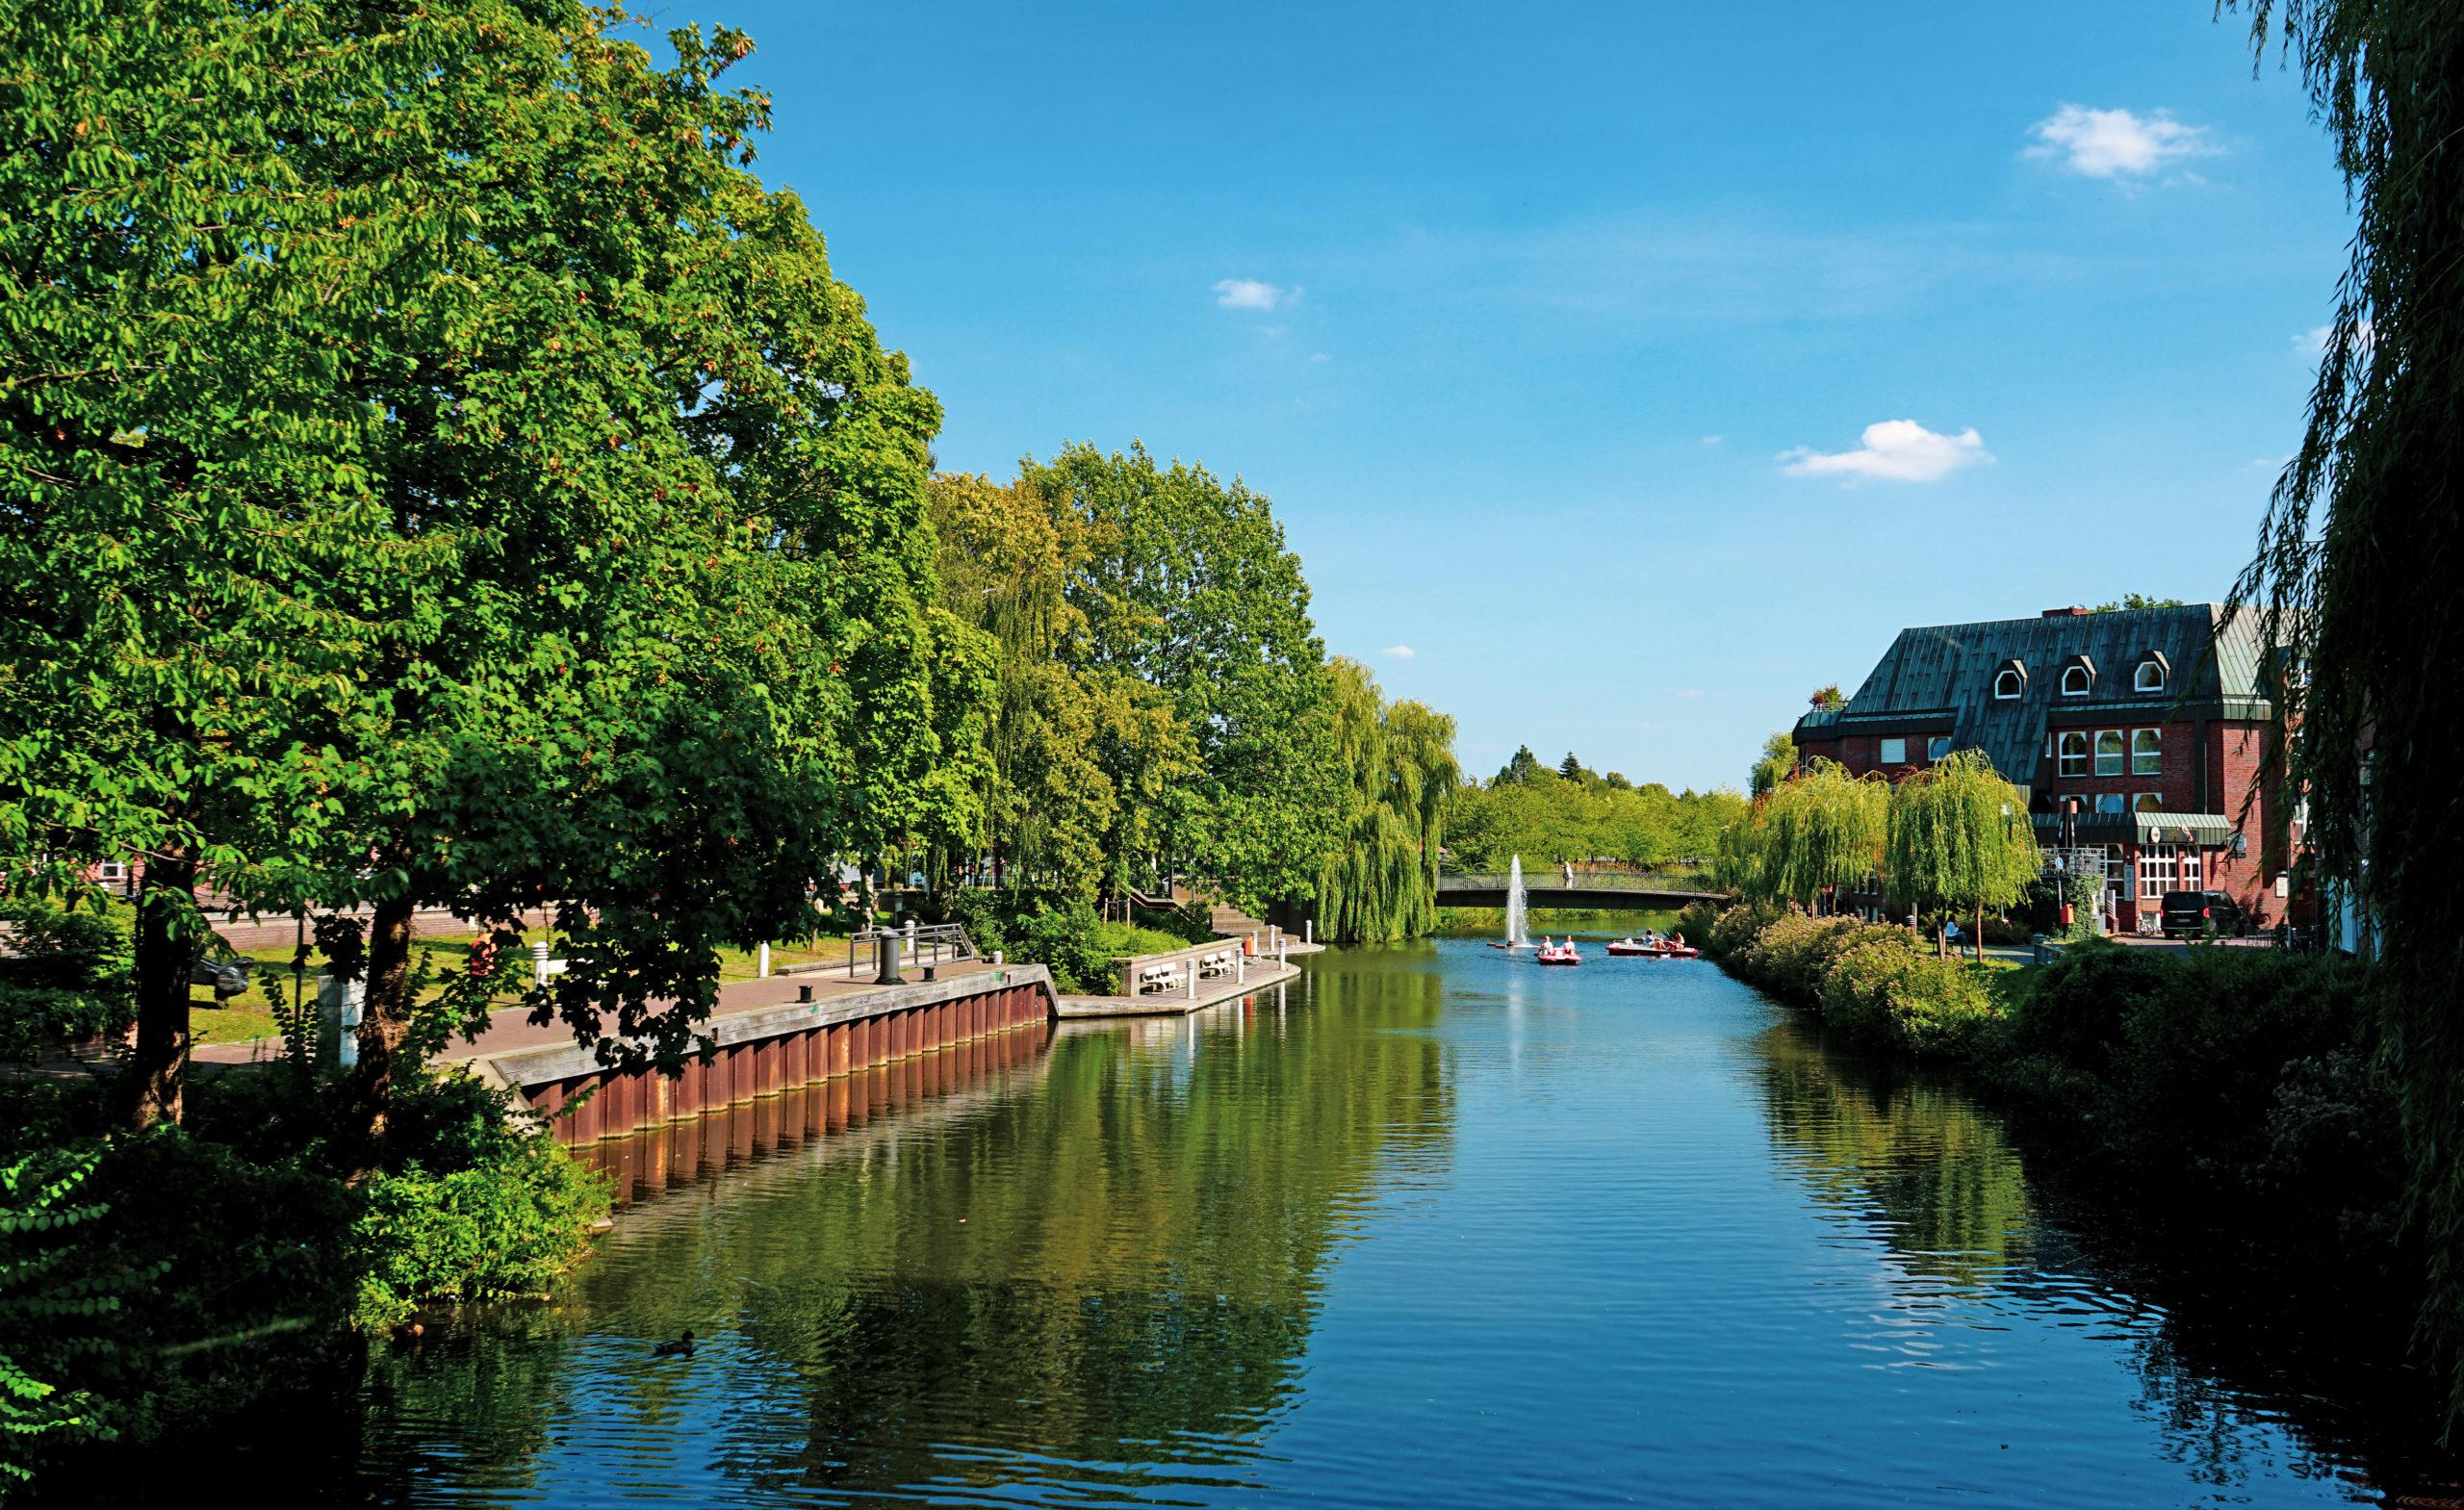 Wasserstadt Nordhorn